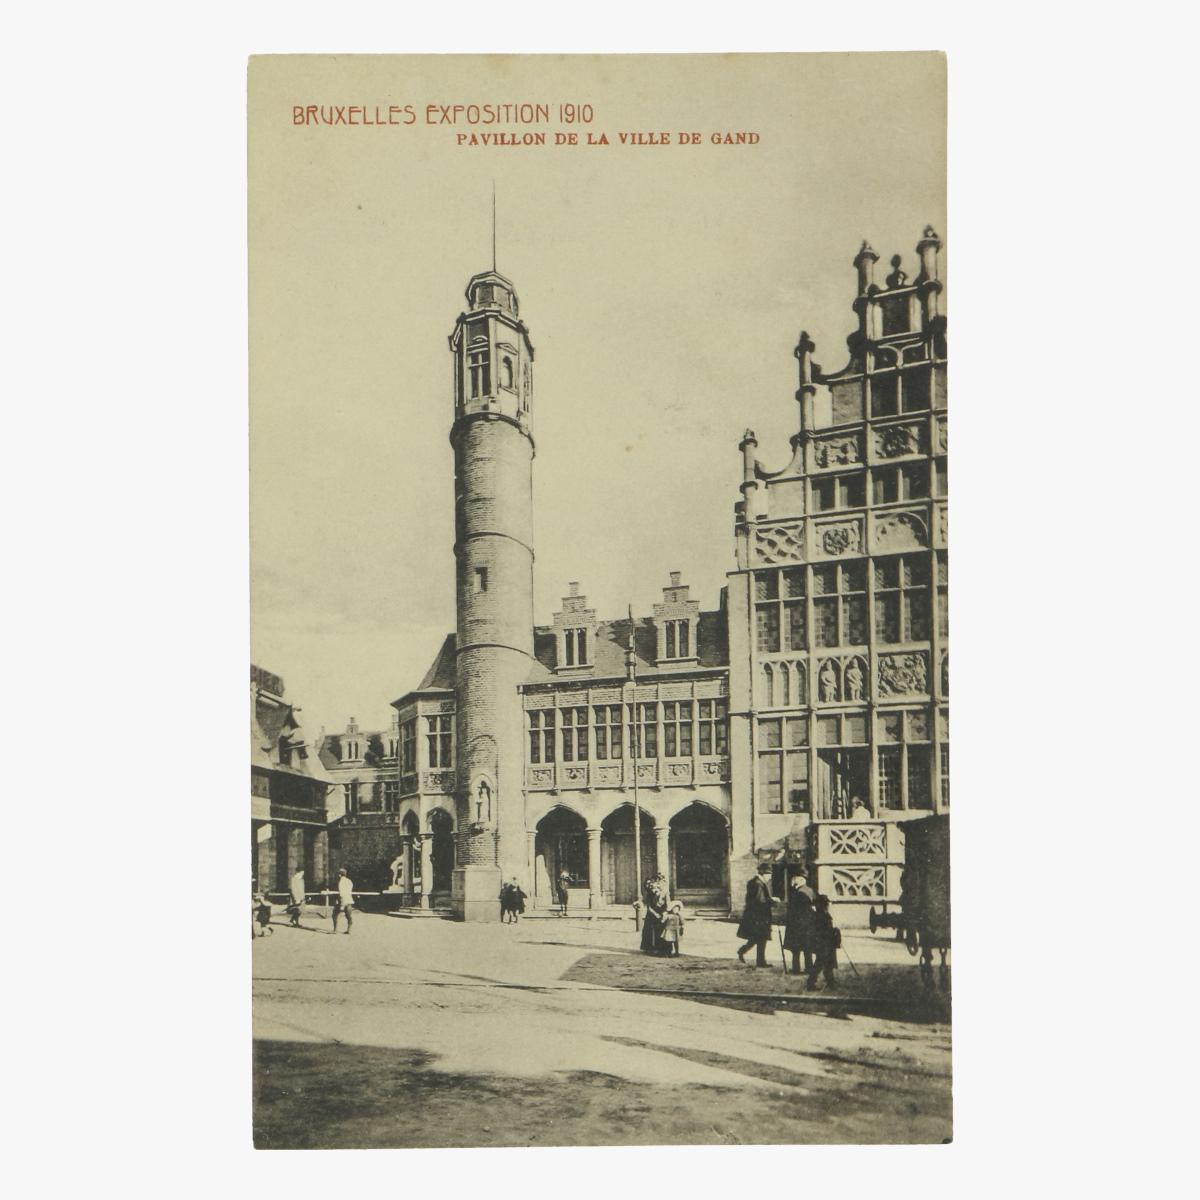 Afbeeldingen van postkaart bruxelles exposition 1910 pavillon de la ville gand